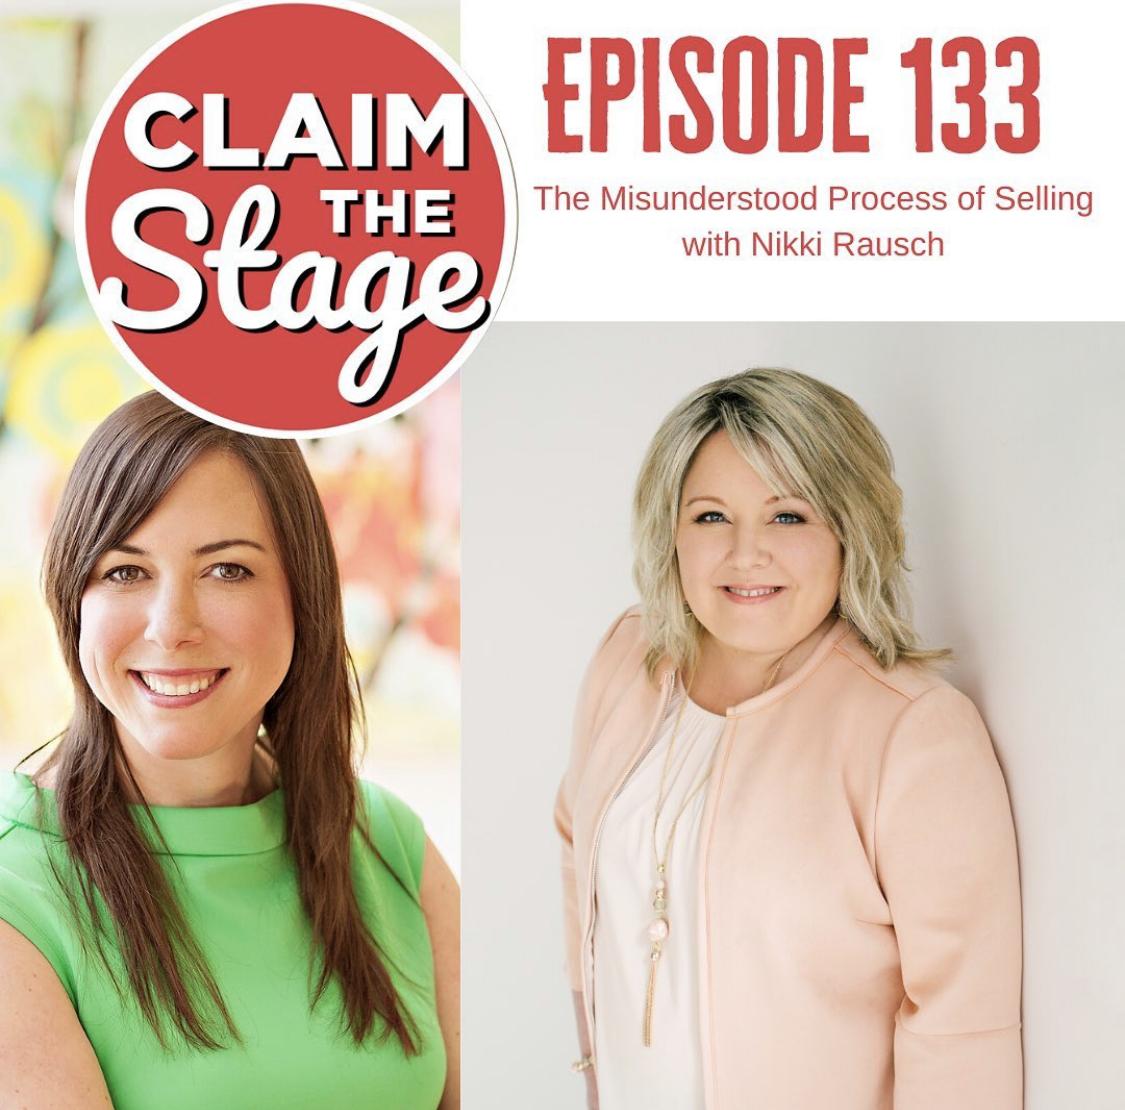 Claim The Stage Podcast host, Angela Lussier interviews Sales Maven, Nikki Rausch